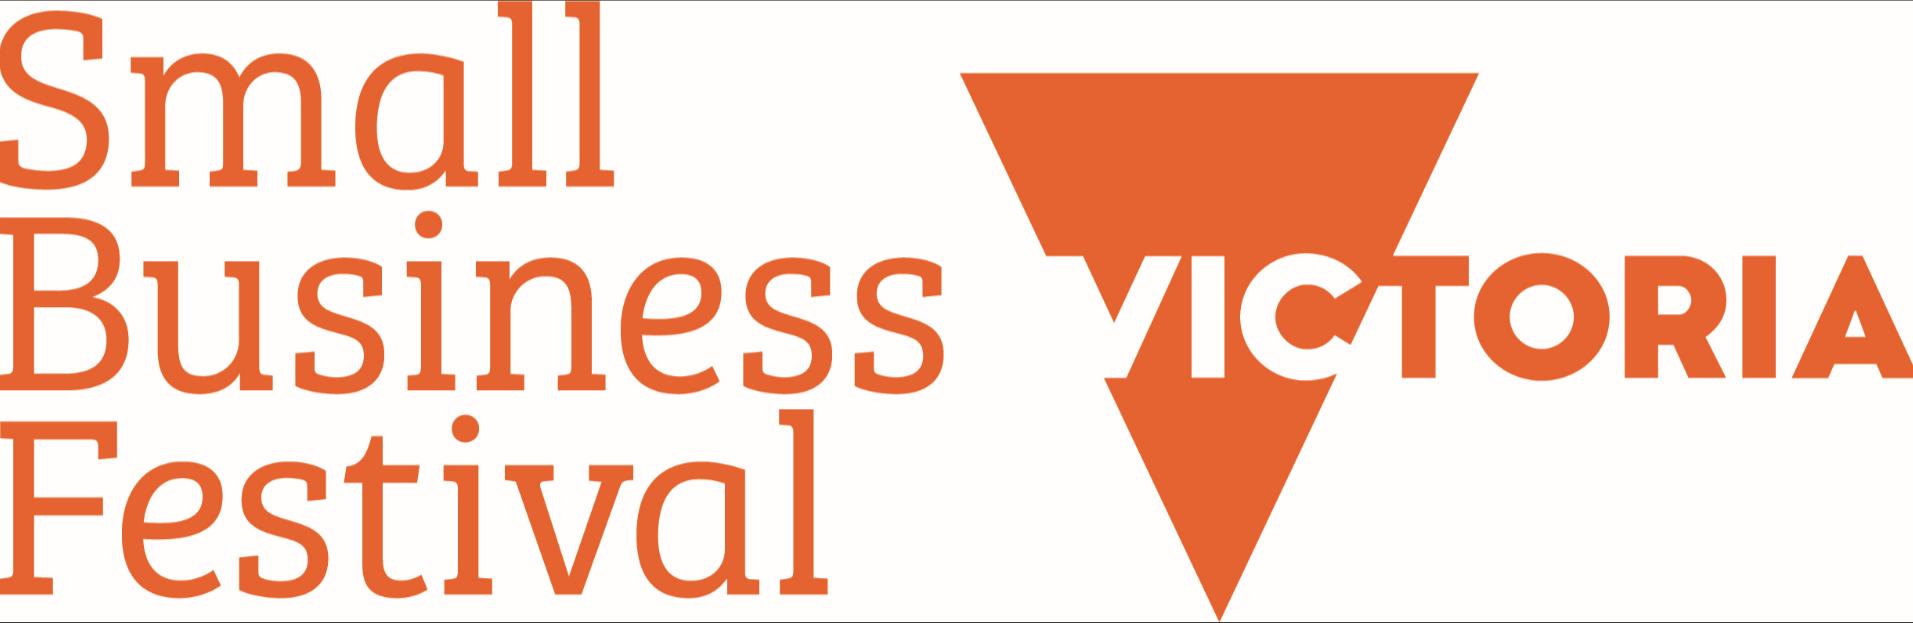 Small business festival 2017.jpg